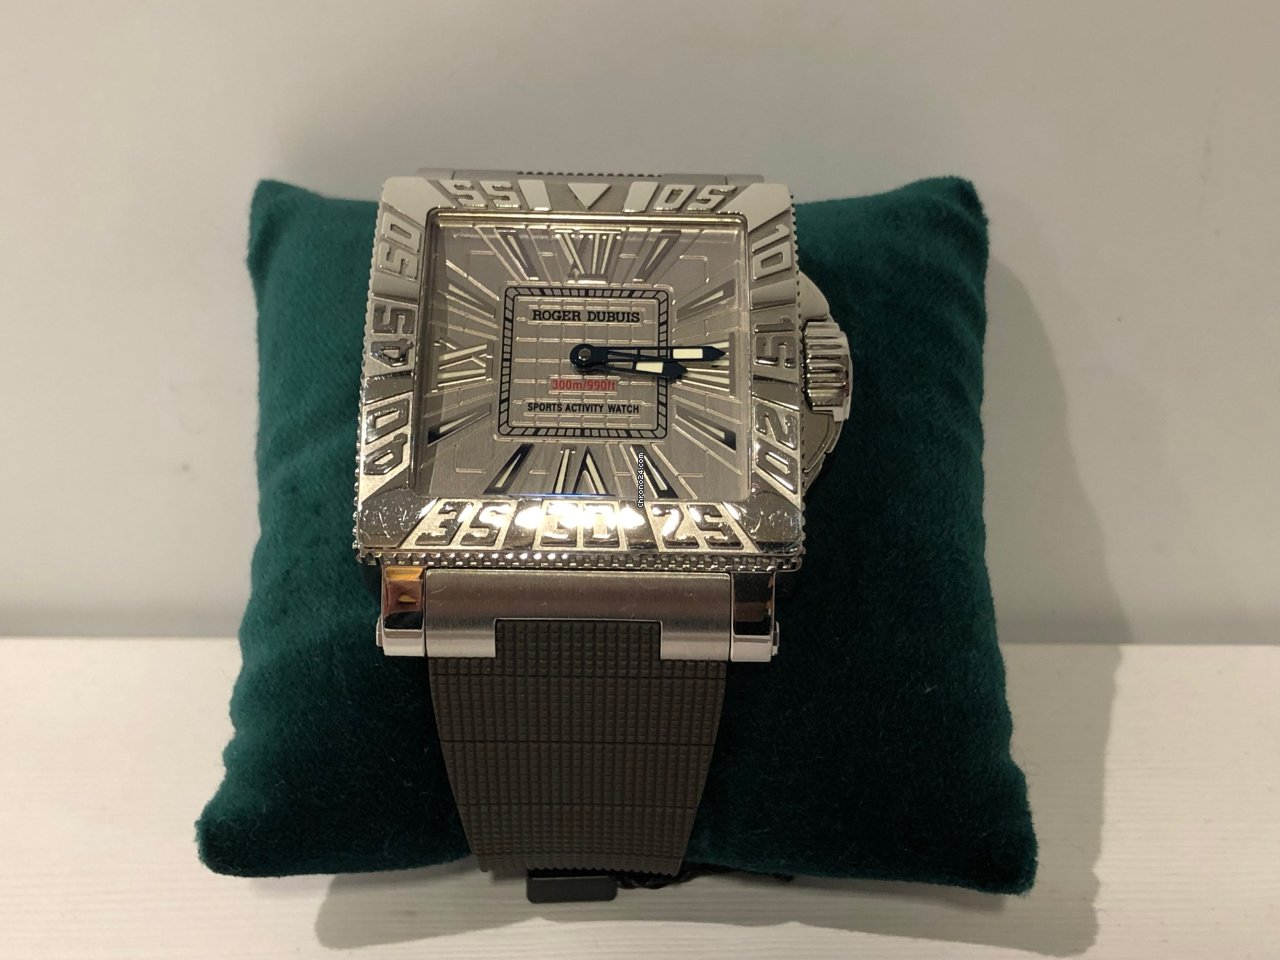 ce293af3f Relojes Roger Dubuis - Precios de todos los relojes Roger Dubuis en Chrono24